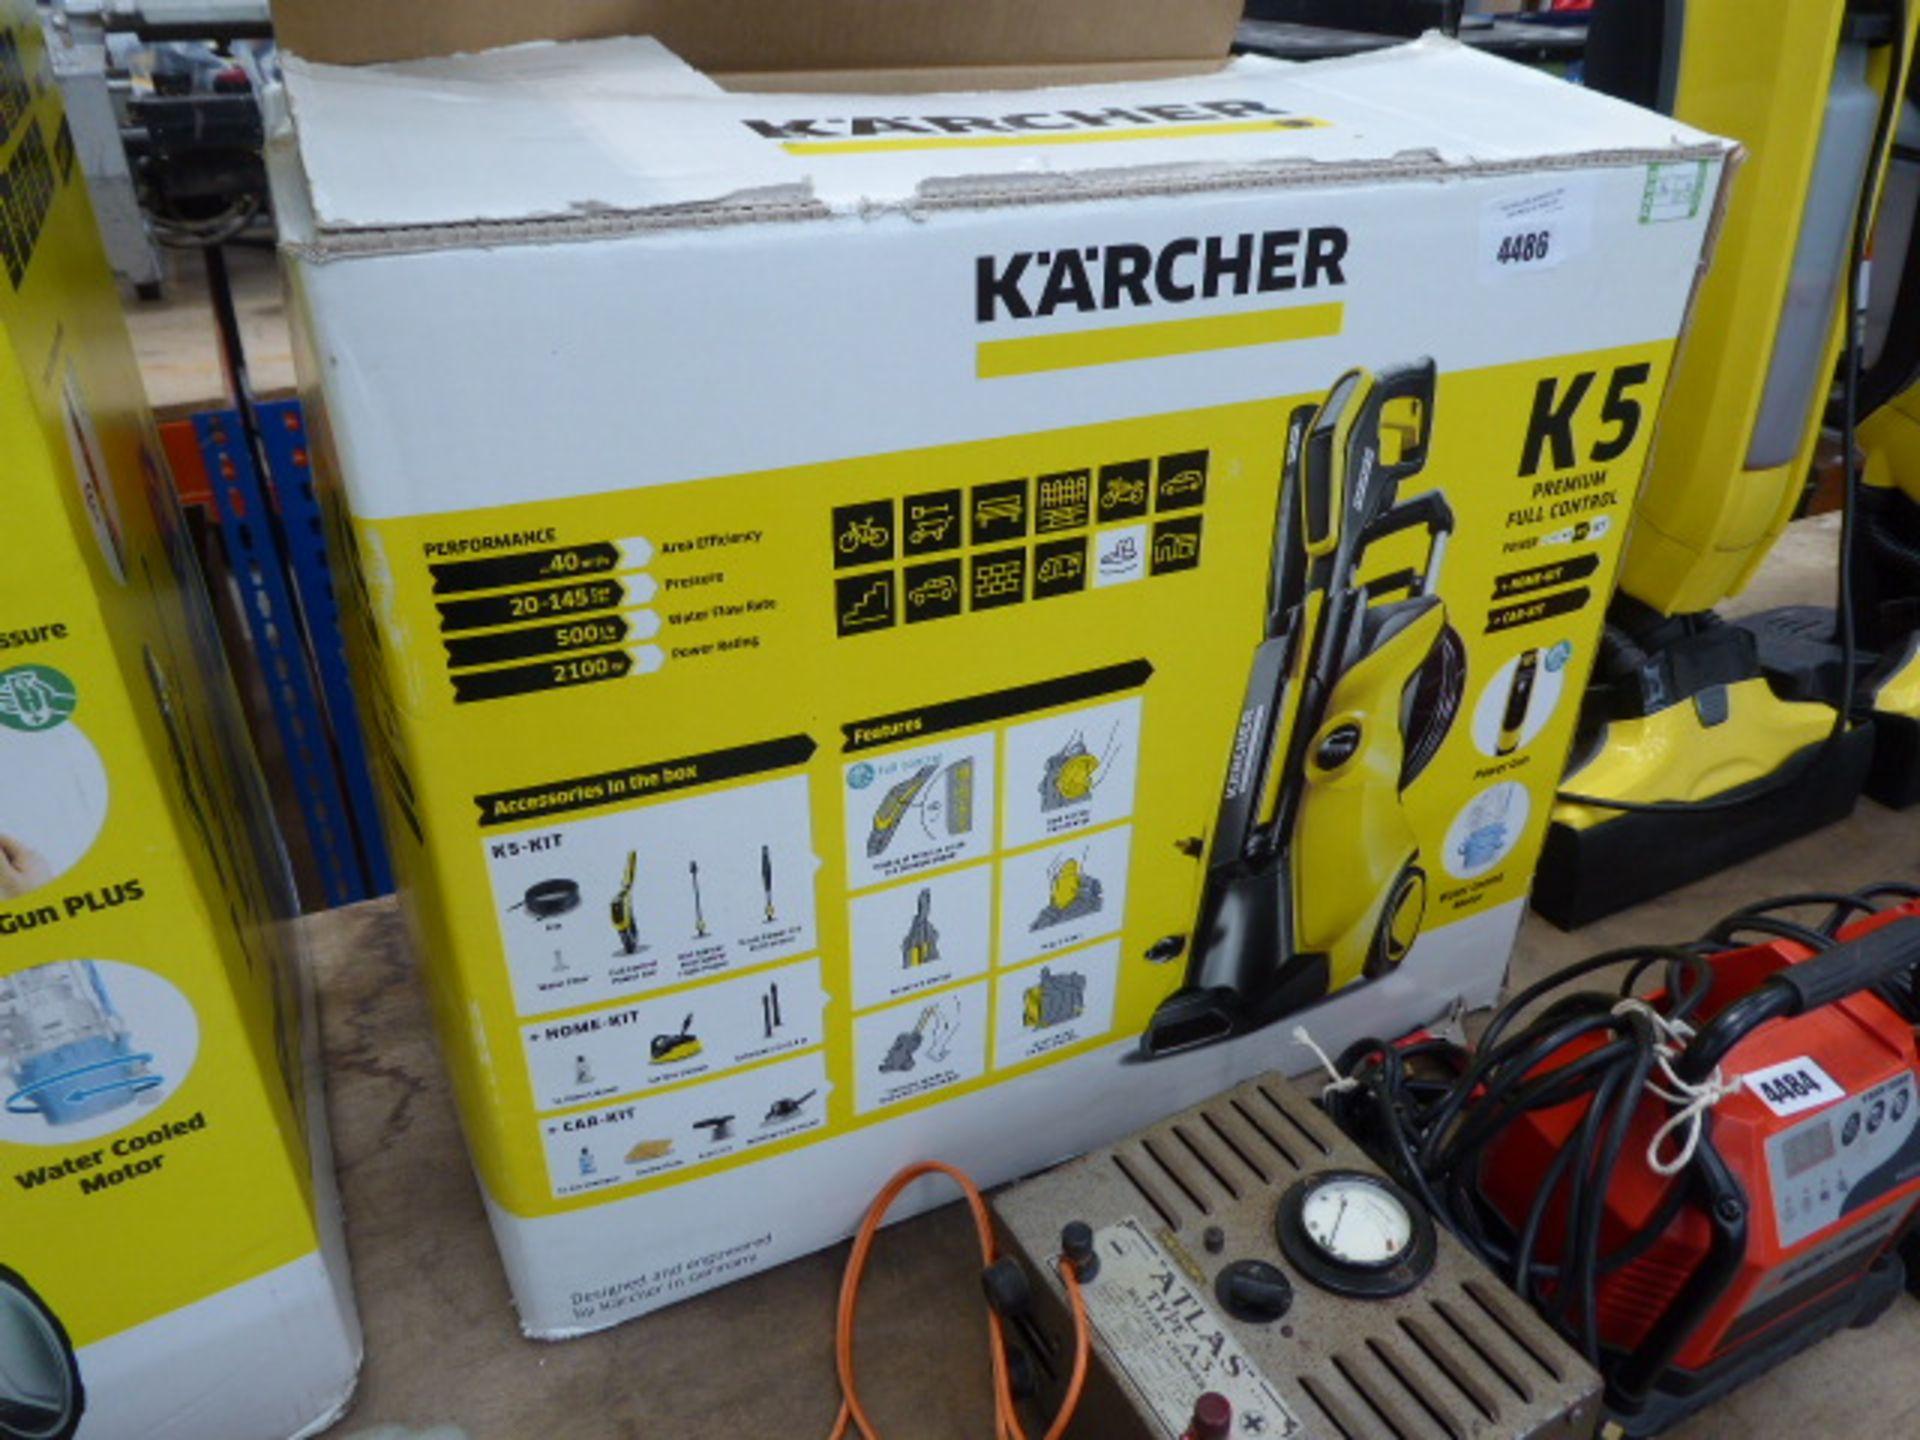 Lot 4486 - 4429 Karcher K5 electric pressure washer